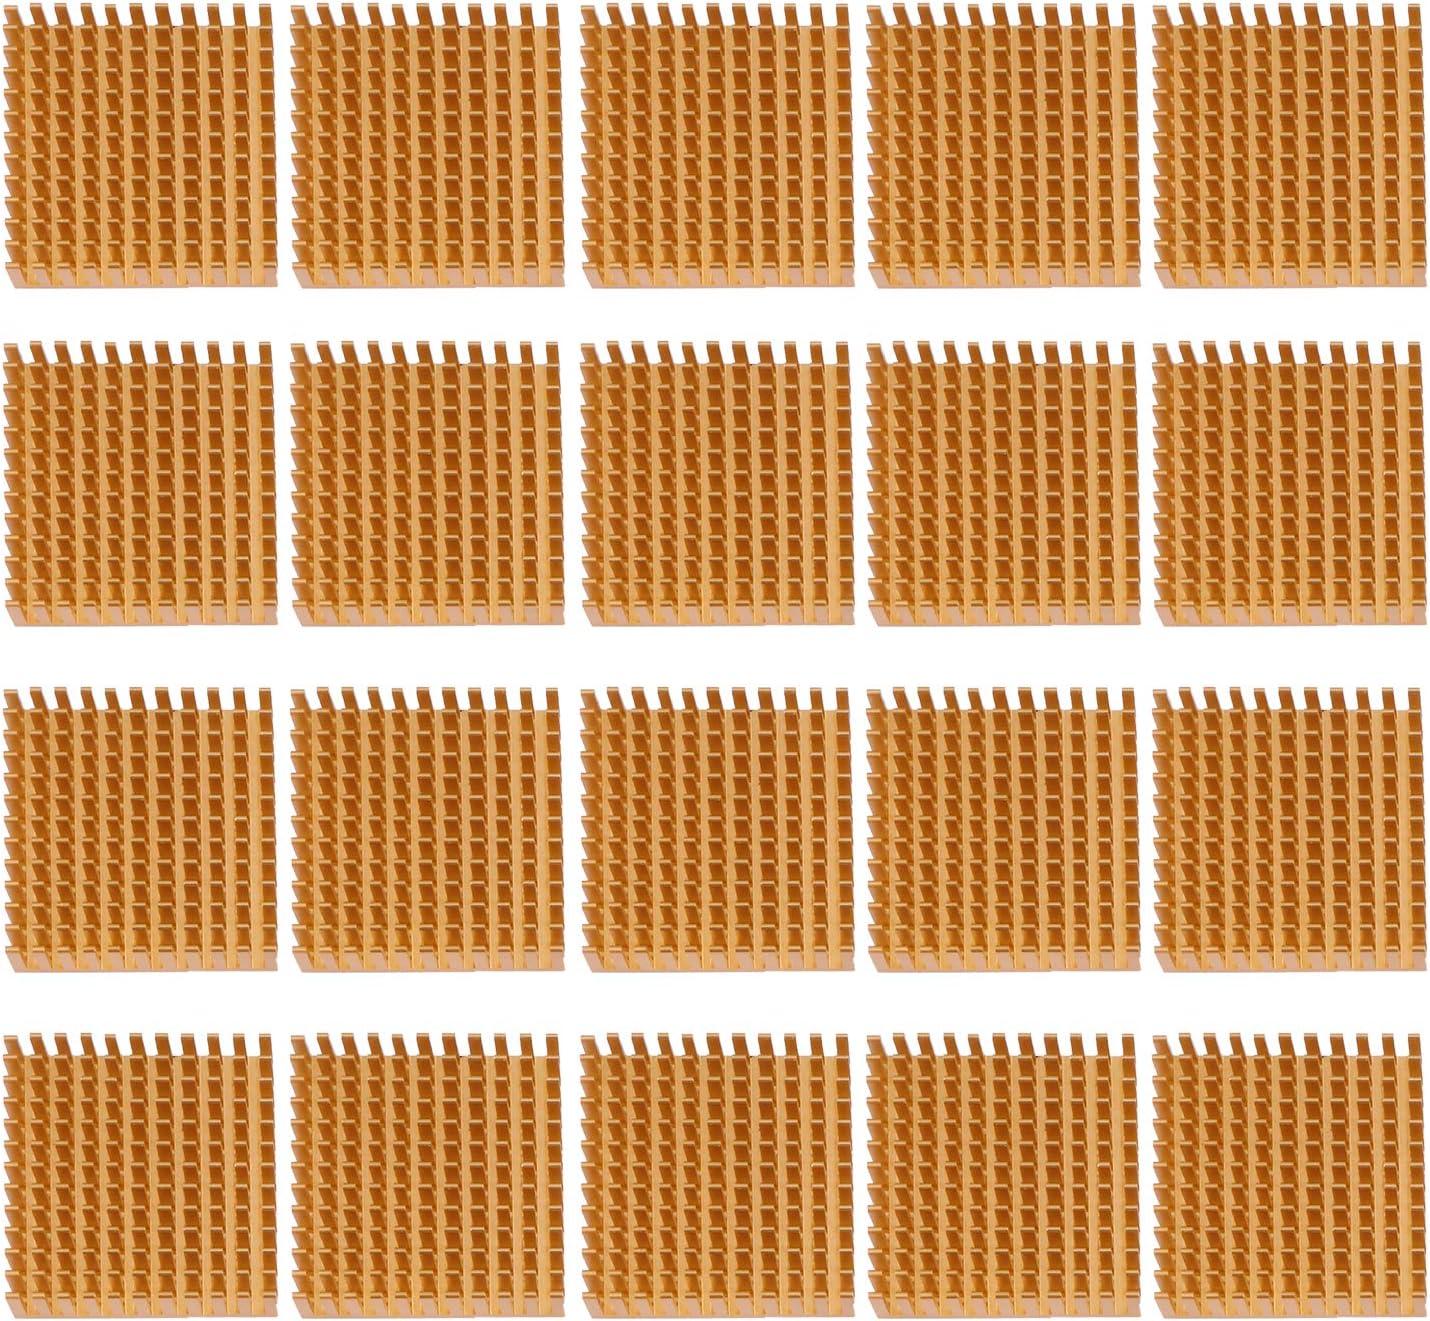 ESUMIC 20PCS 40mm x 40mm x 11mm Golden Aluminum Heatsink Cooling Fin for Cooling MOSFET VRam Regulators VRM Stepper Driver